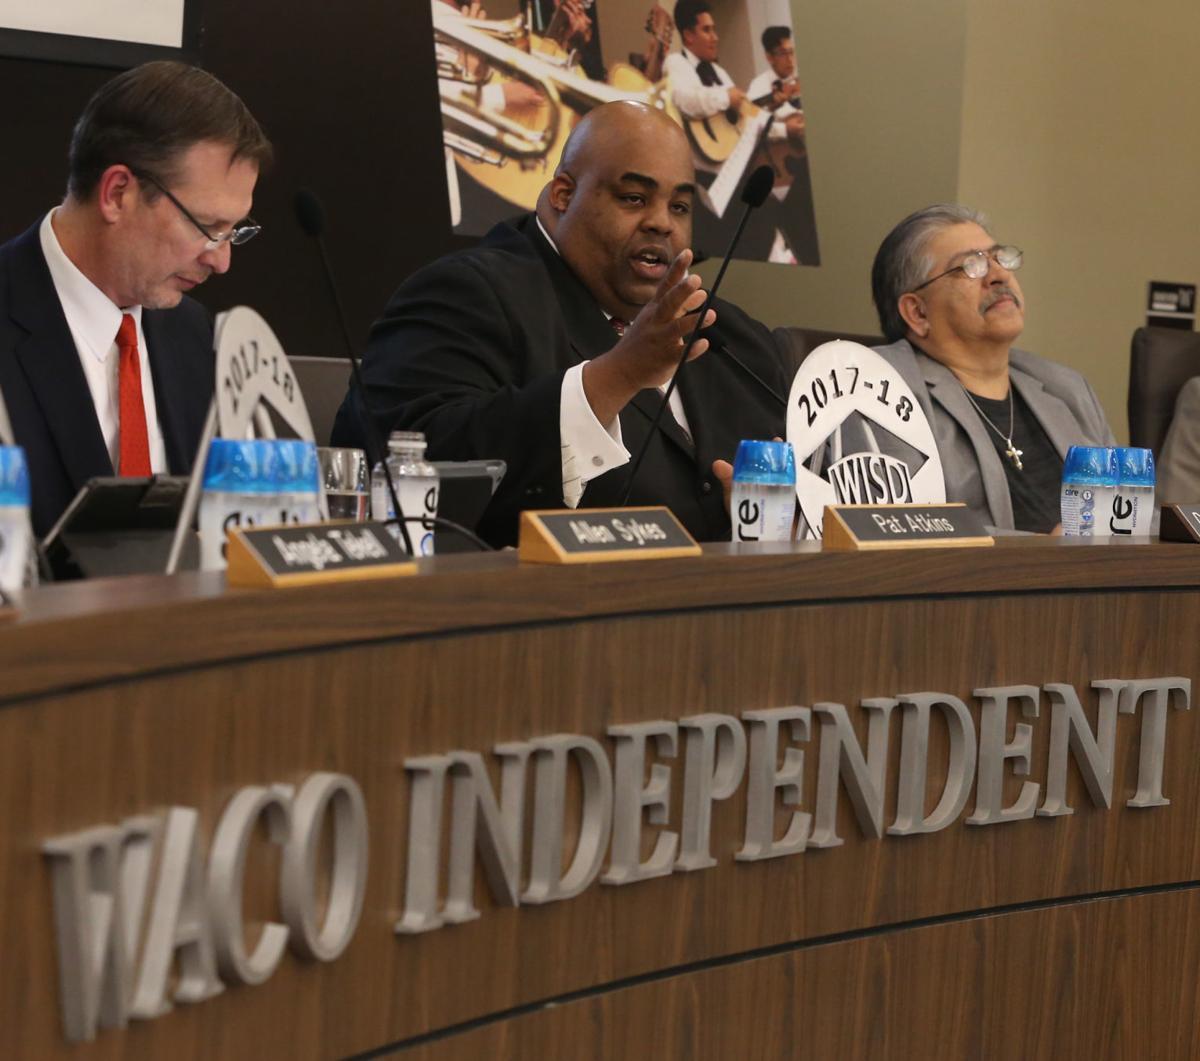 Waco ISD decision